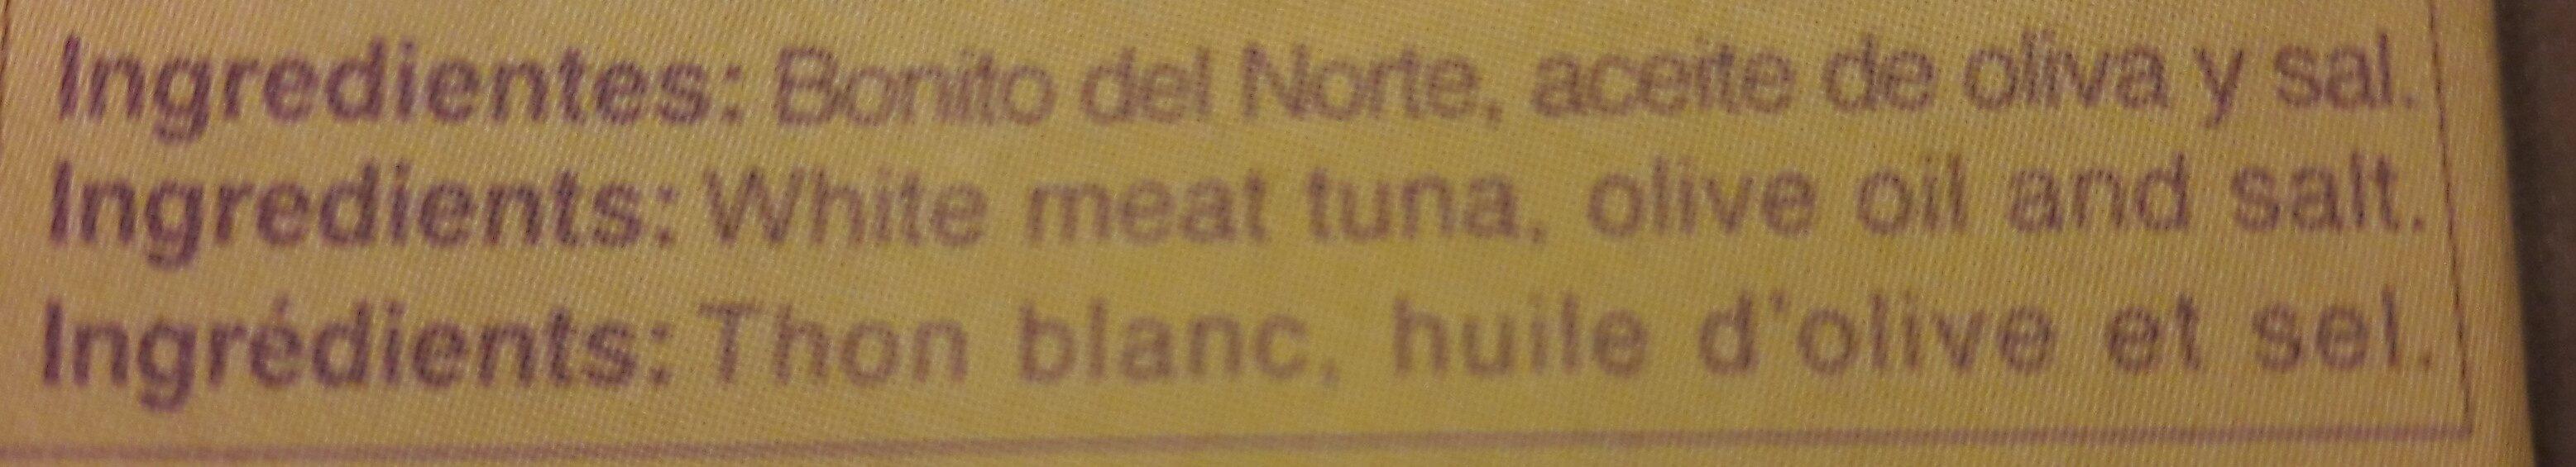 Bonito del norte - Ingredientes